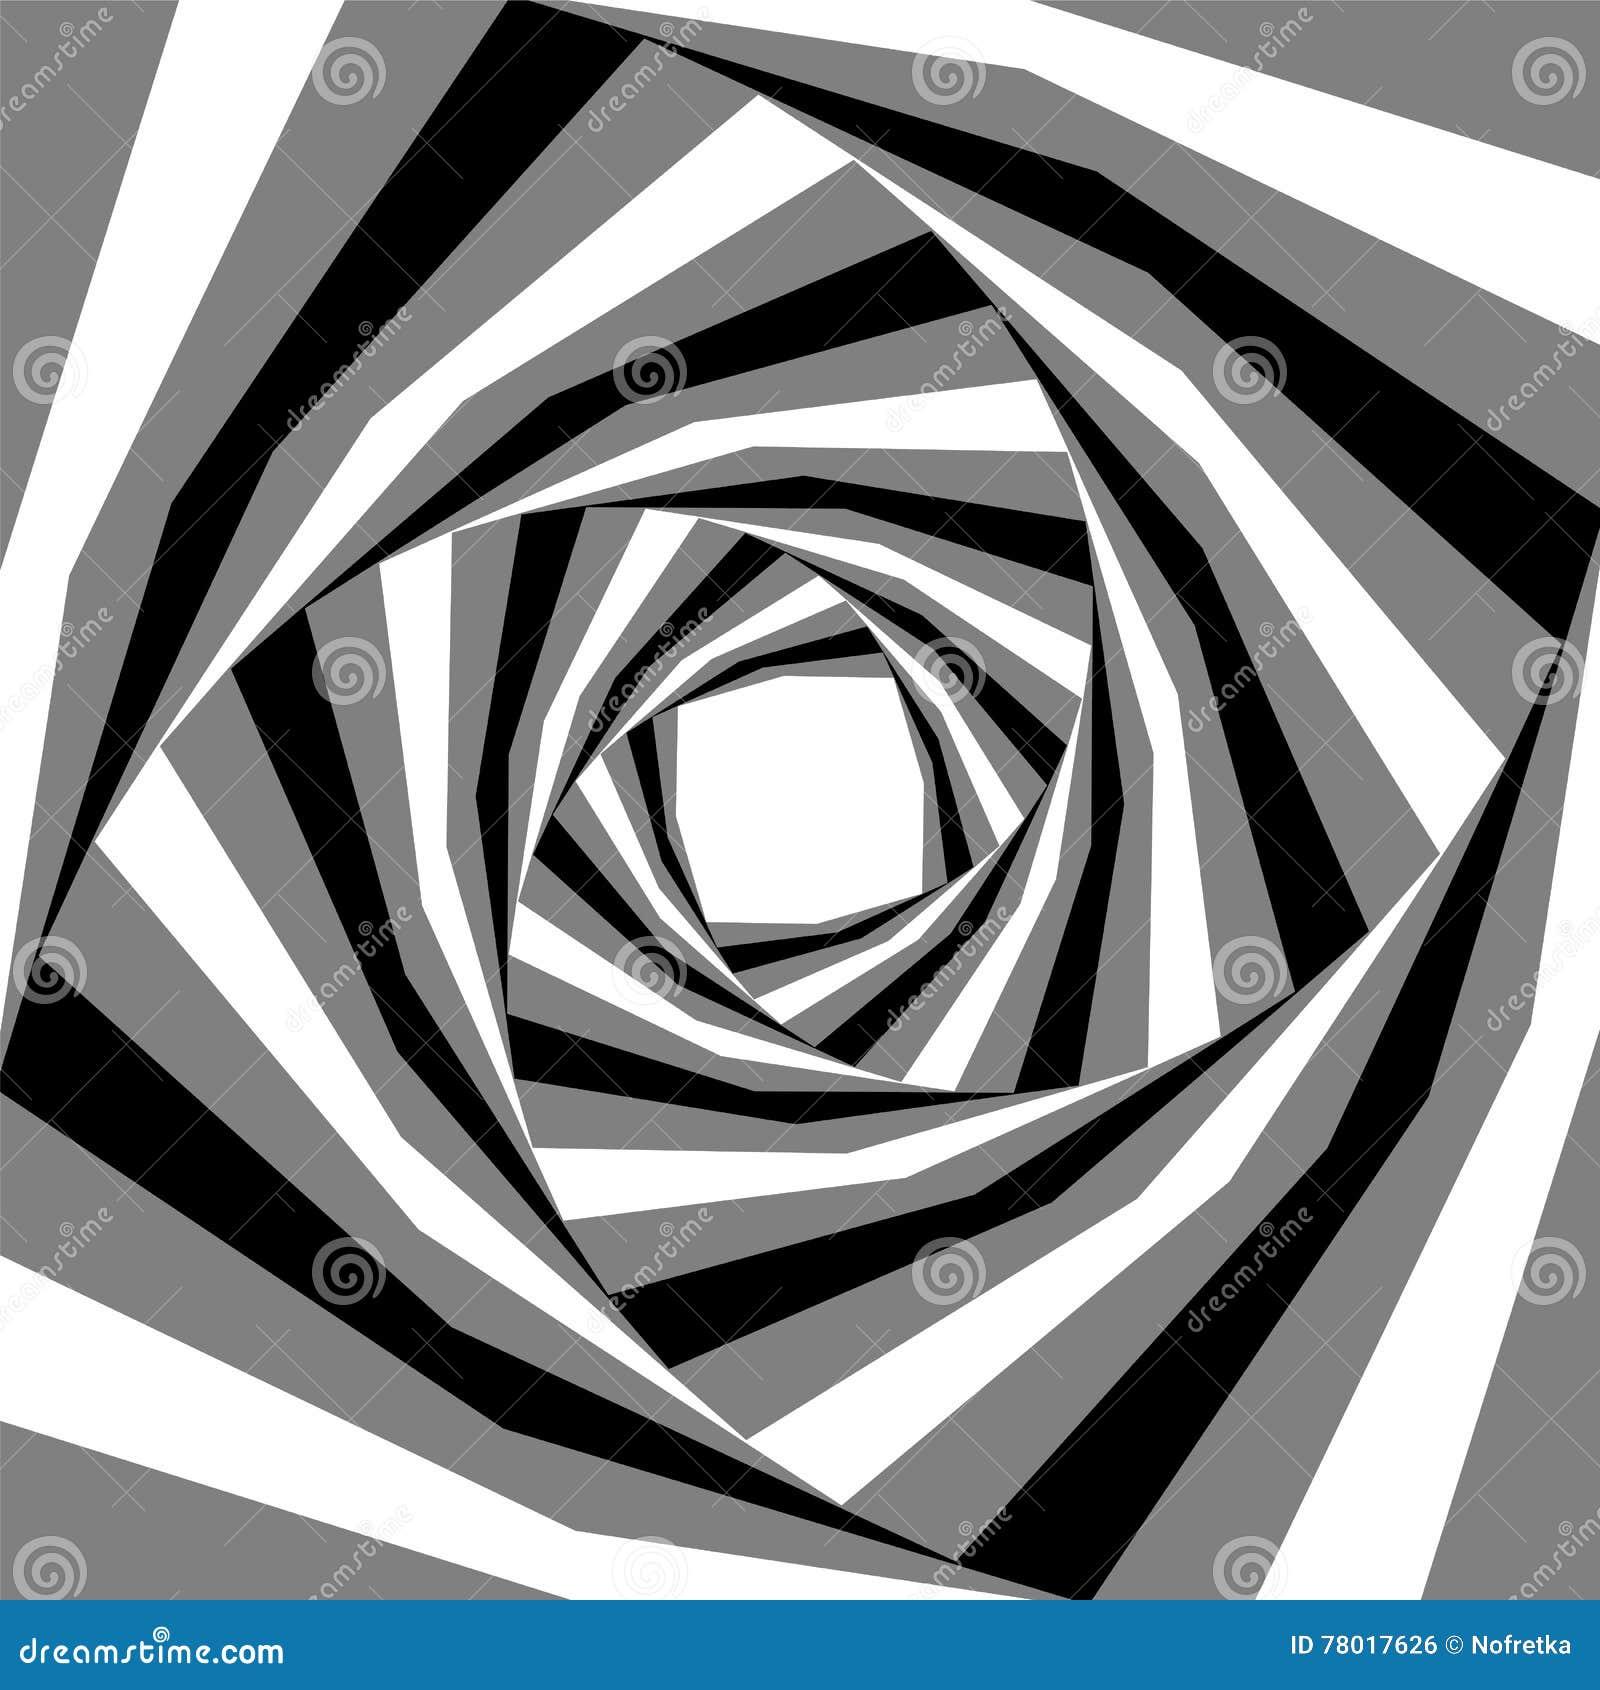 Noir, blanc et Grey Striped Helix Expanding du centre Effet visuel de profondeur et de volume Approprié au web design